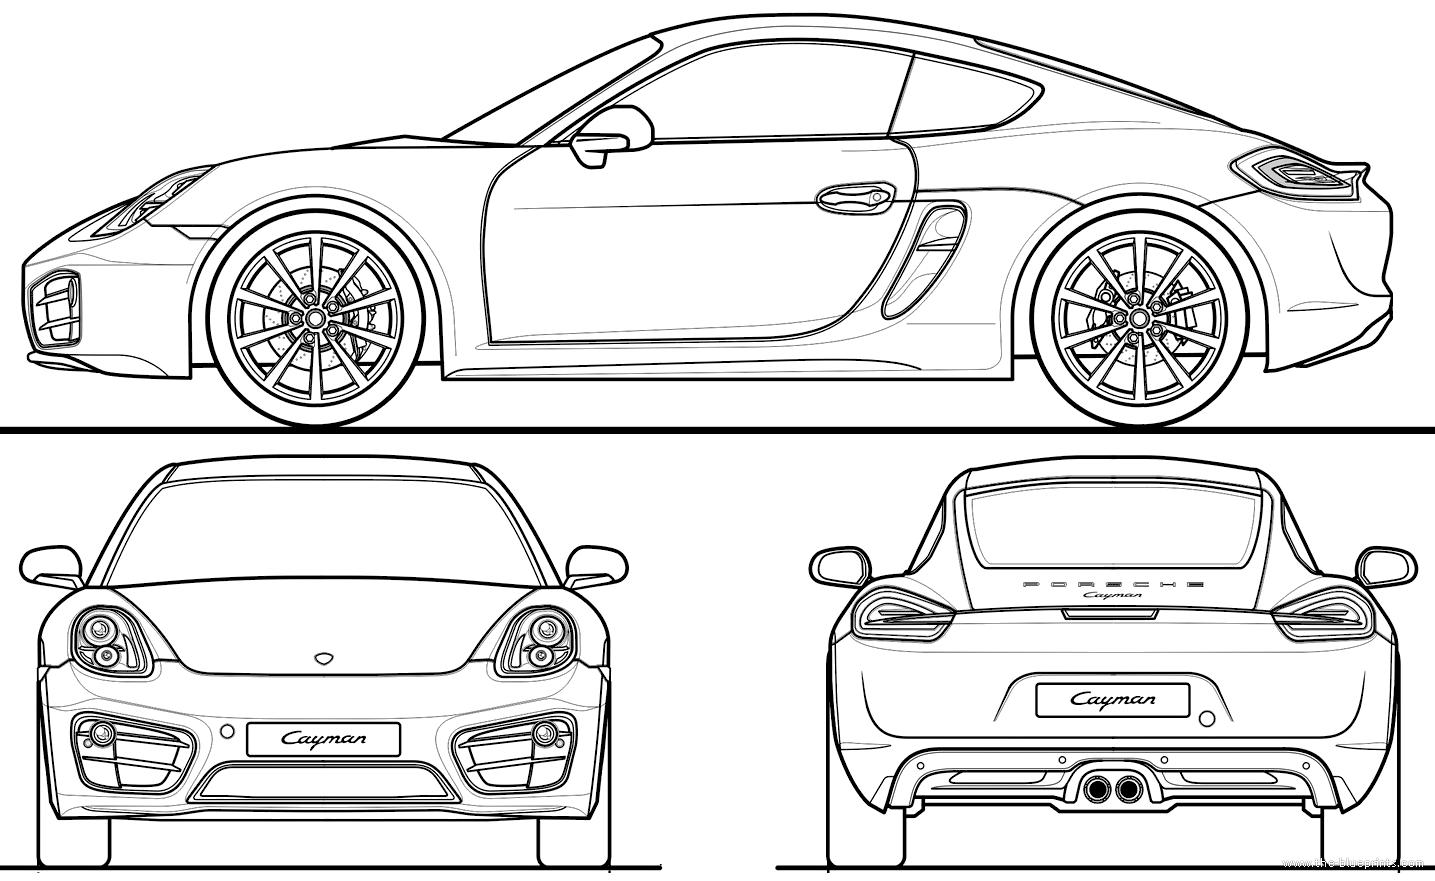 Blueprints Gt Cars Gt Porsche Gt Porsche Cayman